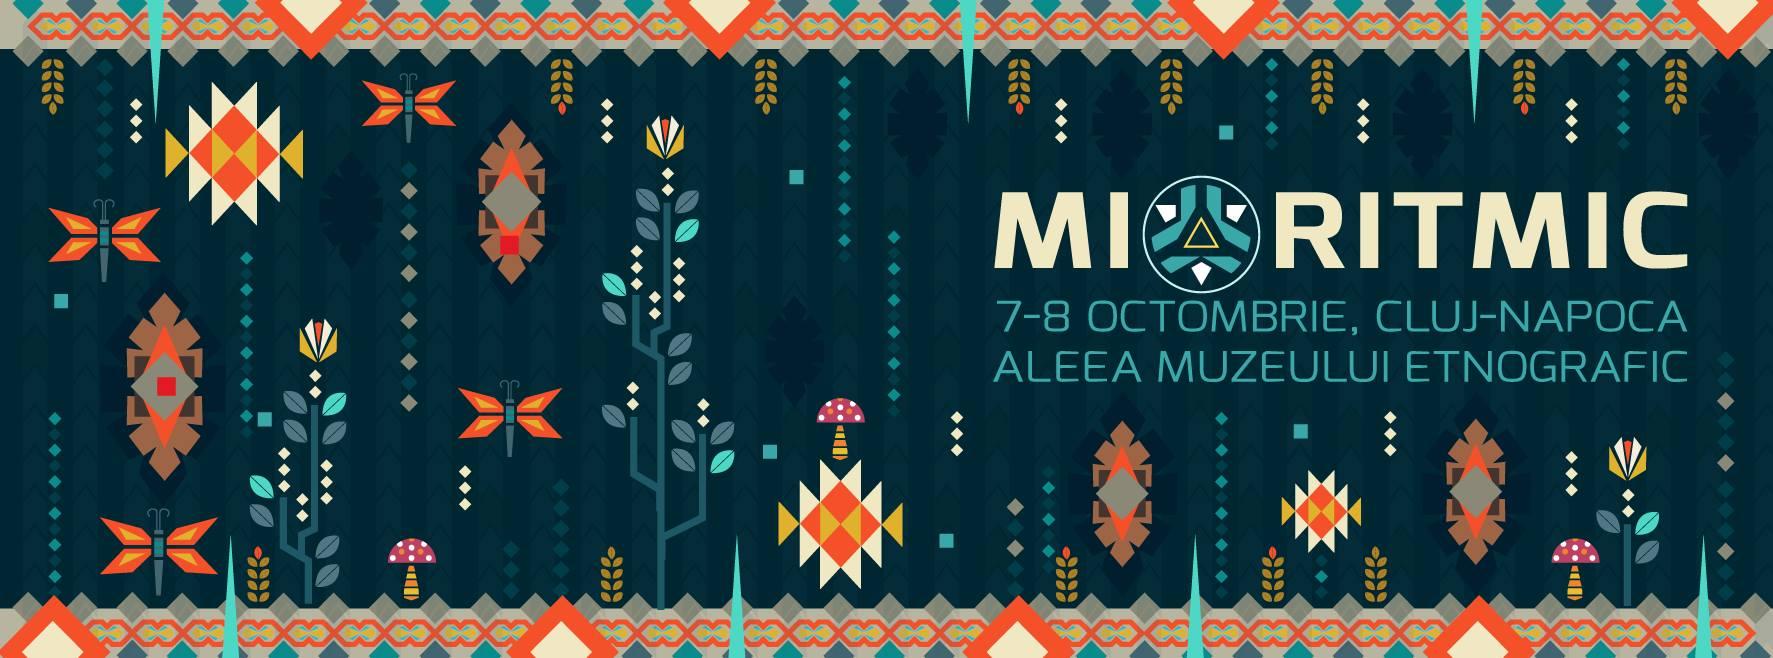 Mioritmic Festival